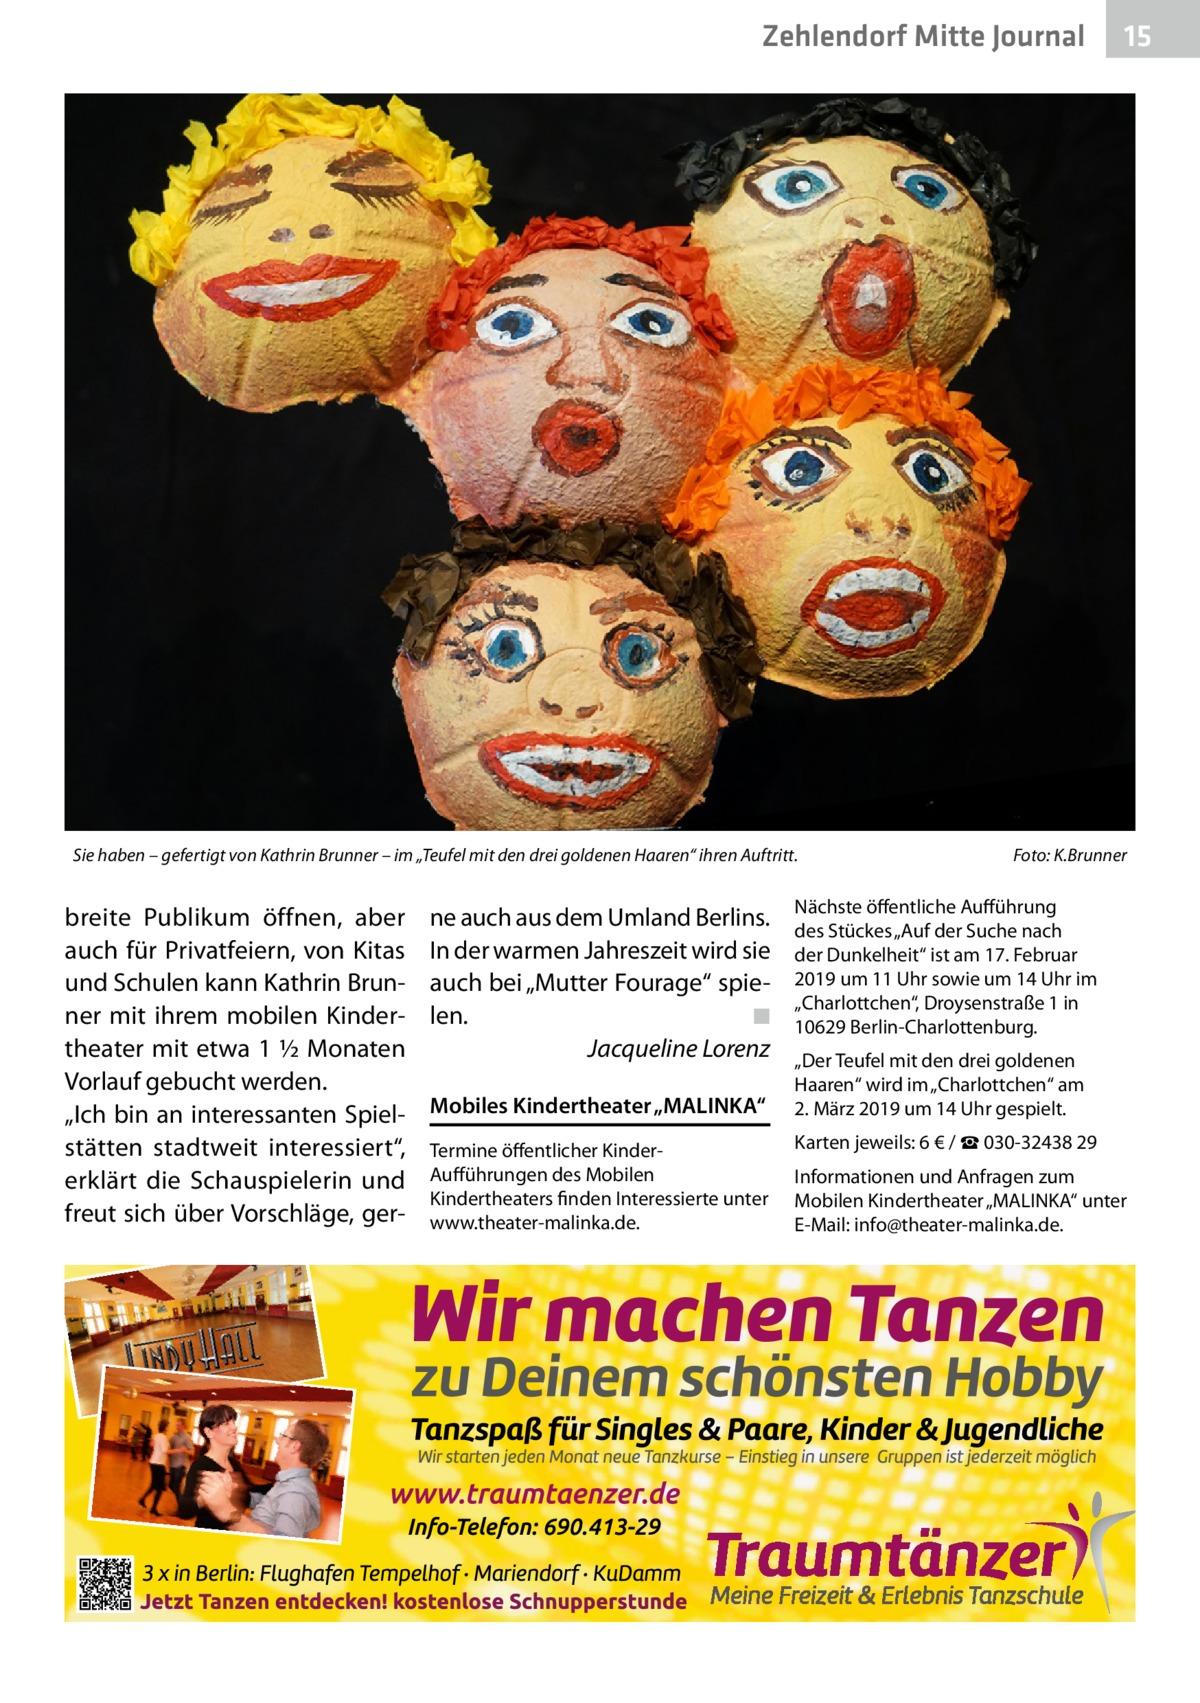 """Zehlendorf Mitte Journal  Sie haben – gefertigt von Kathrin Brunner – im """"Teufel mit den drei goldenen Haaren"""" ihren Auftritt.�  breite Publikum öffnen, aber auch für Privatfeiern, von Kitas und Schulen kann Kathrin Brunner mit ihrem mobilen Kindertheater mit etwa 1½Monaten Vorlauf gebucht werden. """"Ich bin an interessanten Spielstätten stadtweit interessiert"""", erklärt die Schauspielerin und freut sich über Vorschläge, ger ne auch aus dem Umland Berlins. In der warmen Jahreszeit wird sie auch bei """"Mutter Fourage"""" spielen. � ◾ � Jacqueline Lorenz Mobiles Kindertheater """"MALINKA"""" Termine öffentlicher KinderAufführungen des Mobilen Kindertheaters finden Interessierte unter www.theater-malinka.de.  15  Foto: K.Brunner  Nächste öffentliche Aufführung des Stückes """"Auf der Suche nach der Dunkelheit"""" ist am 17.Februar 2019 um 11Uhr sowie um 14Uhr im """"Charlottchen"""", Droysenstraße1 in 10629Berlin-Charlottenburg. """"Der Teufel mit den drei goldenen Haaren"""" wird im """"Charlottchen"""" am 2.März 2019 um 14Uhr gespielt. Karten jeweils: 6€ / ☎030-3243829 Informationen und Anfragen zum Mobilen Kindertheater """"MALINKA"""" unter E-Mail: info@theater-malinka.de."""